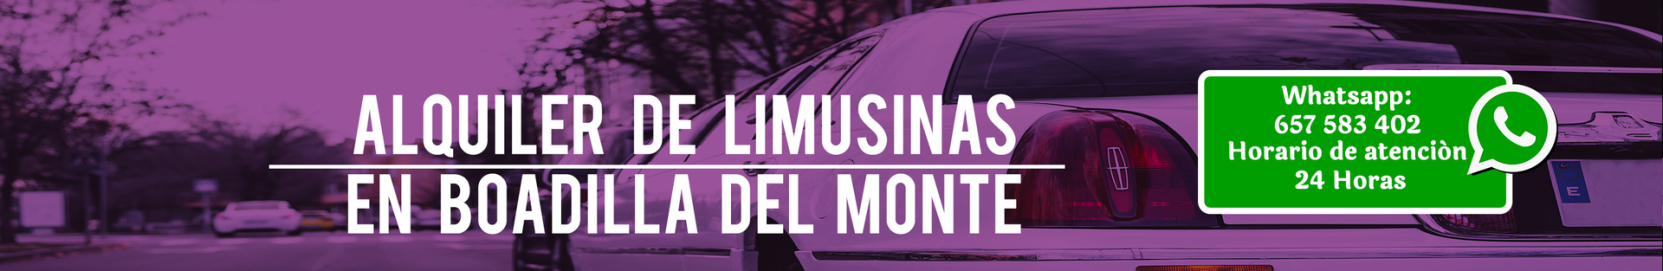 Alquiler de limusinas en Boadilla del Monte